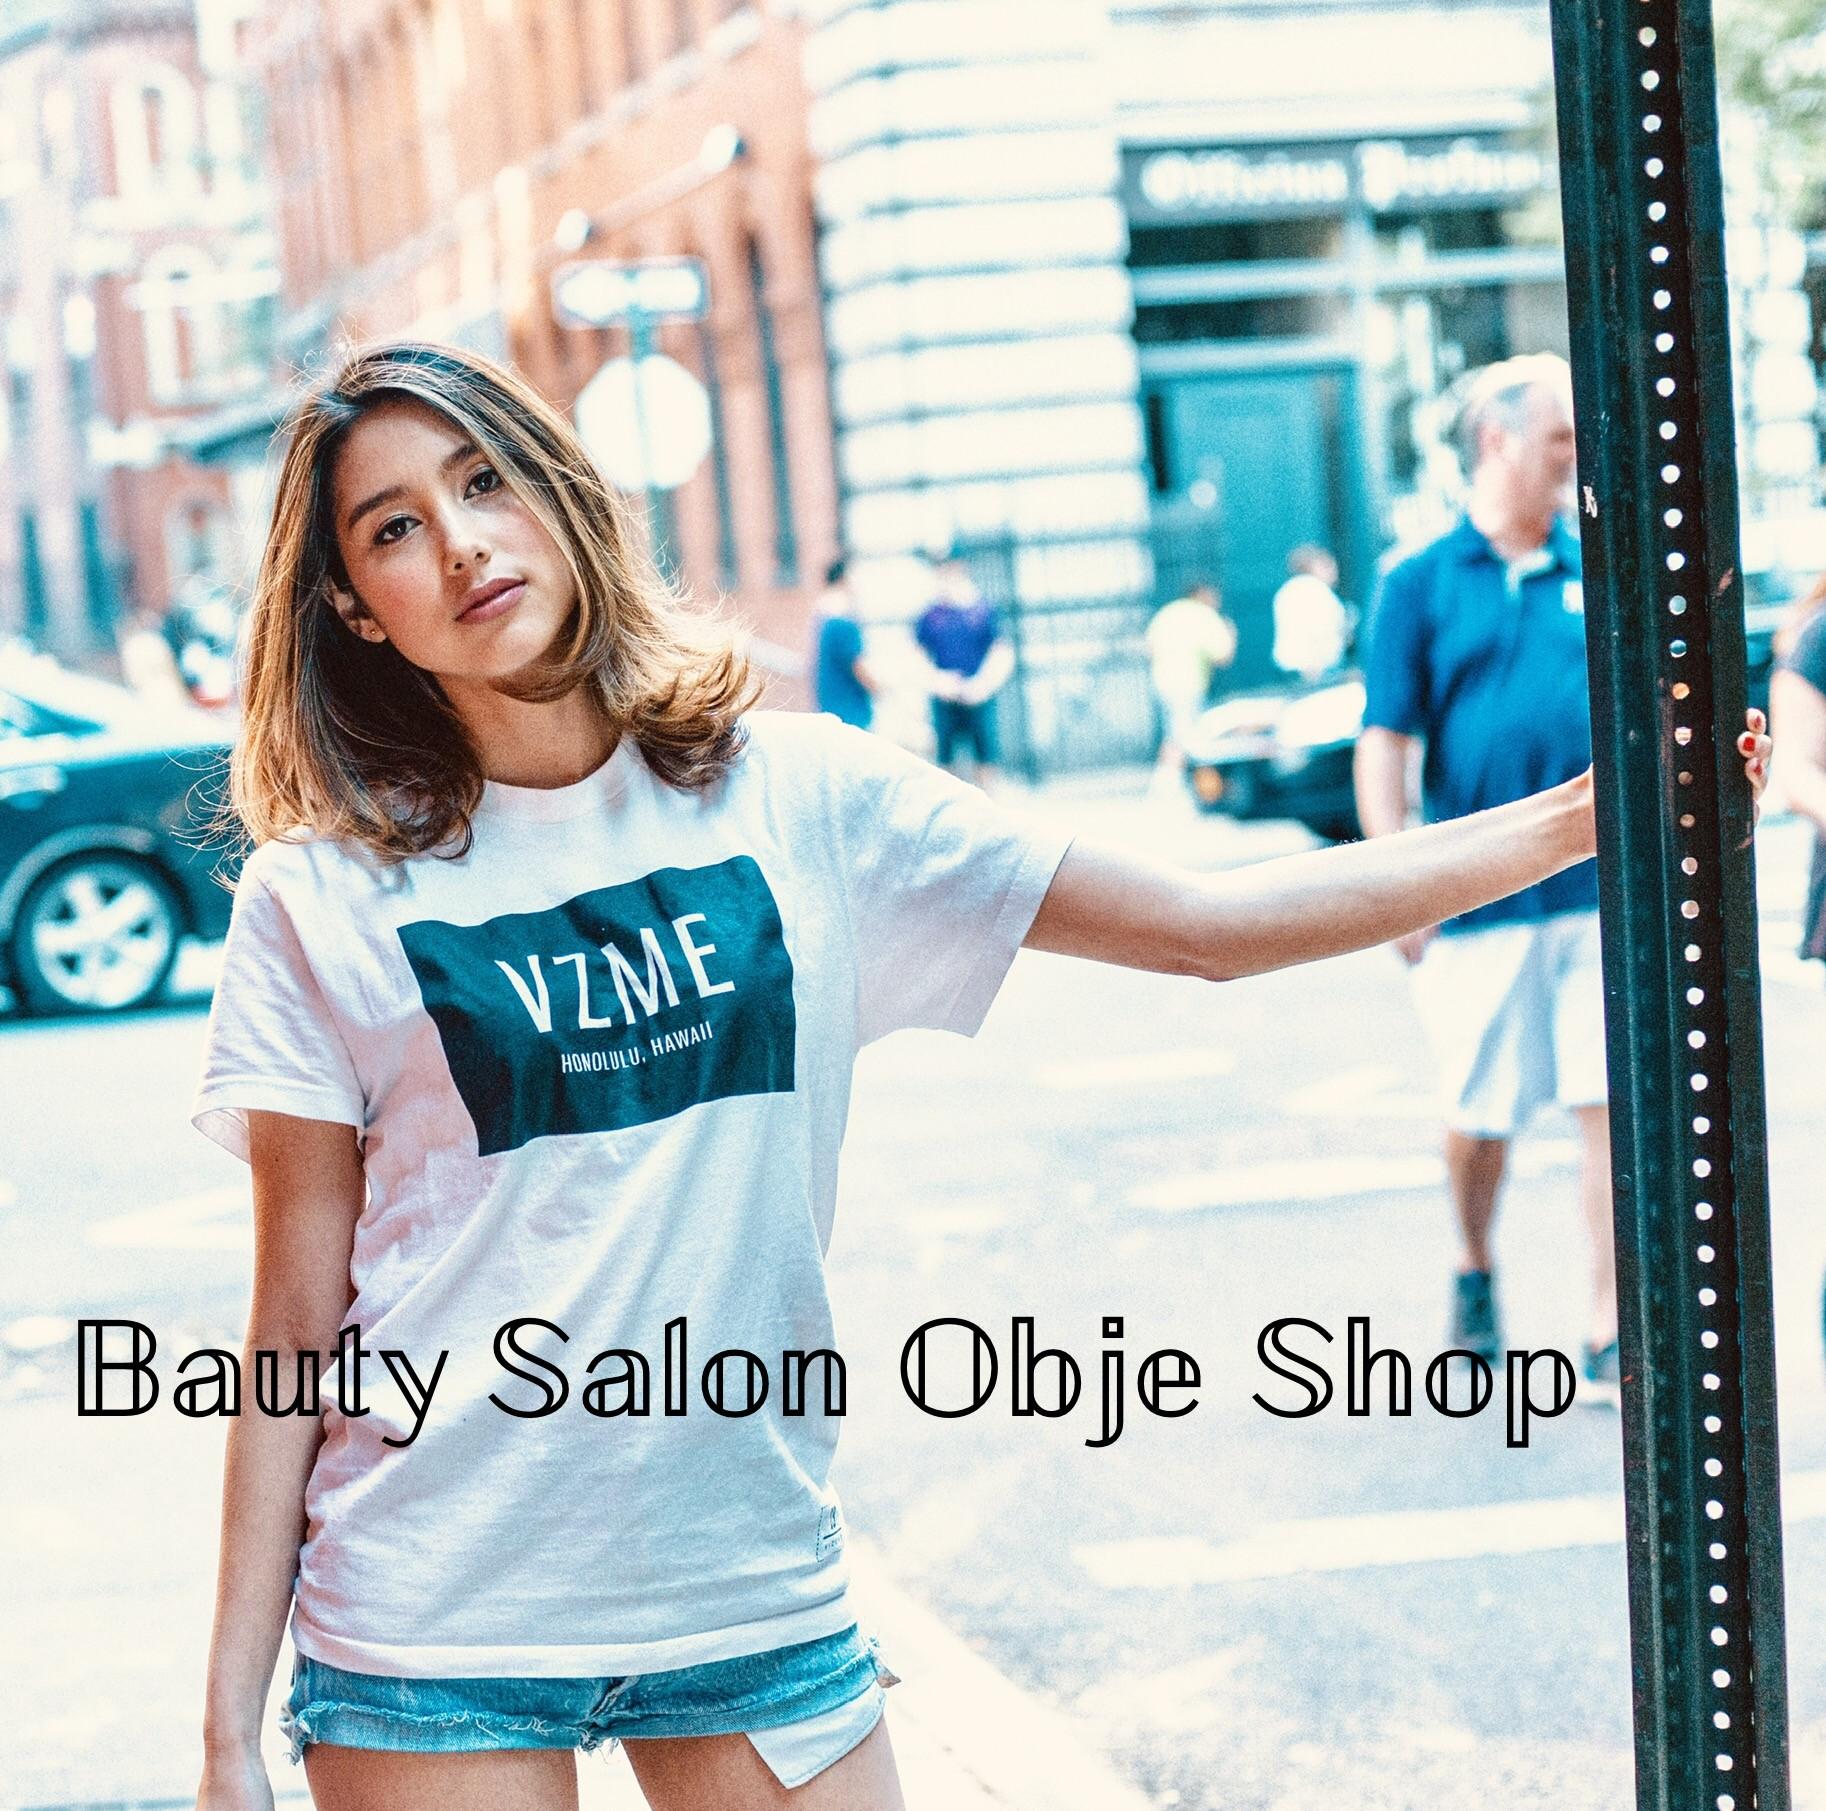 Beauty Salon obje Shop